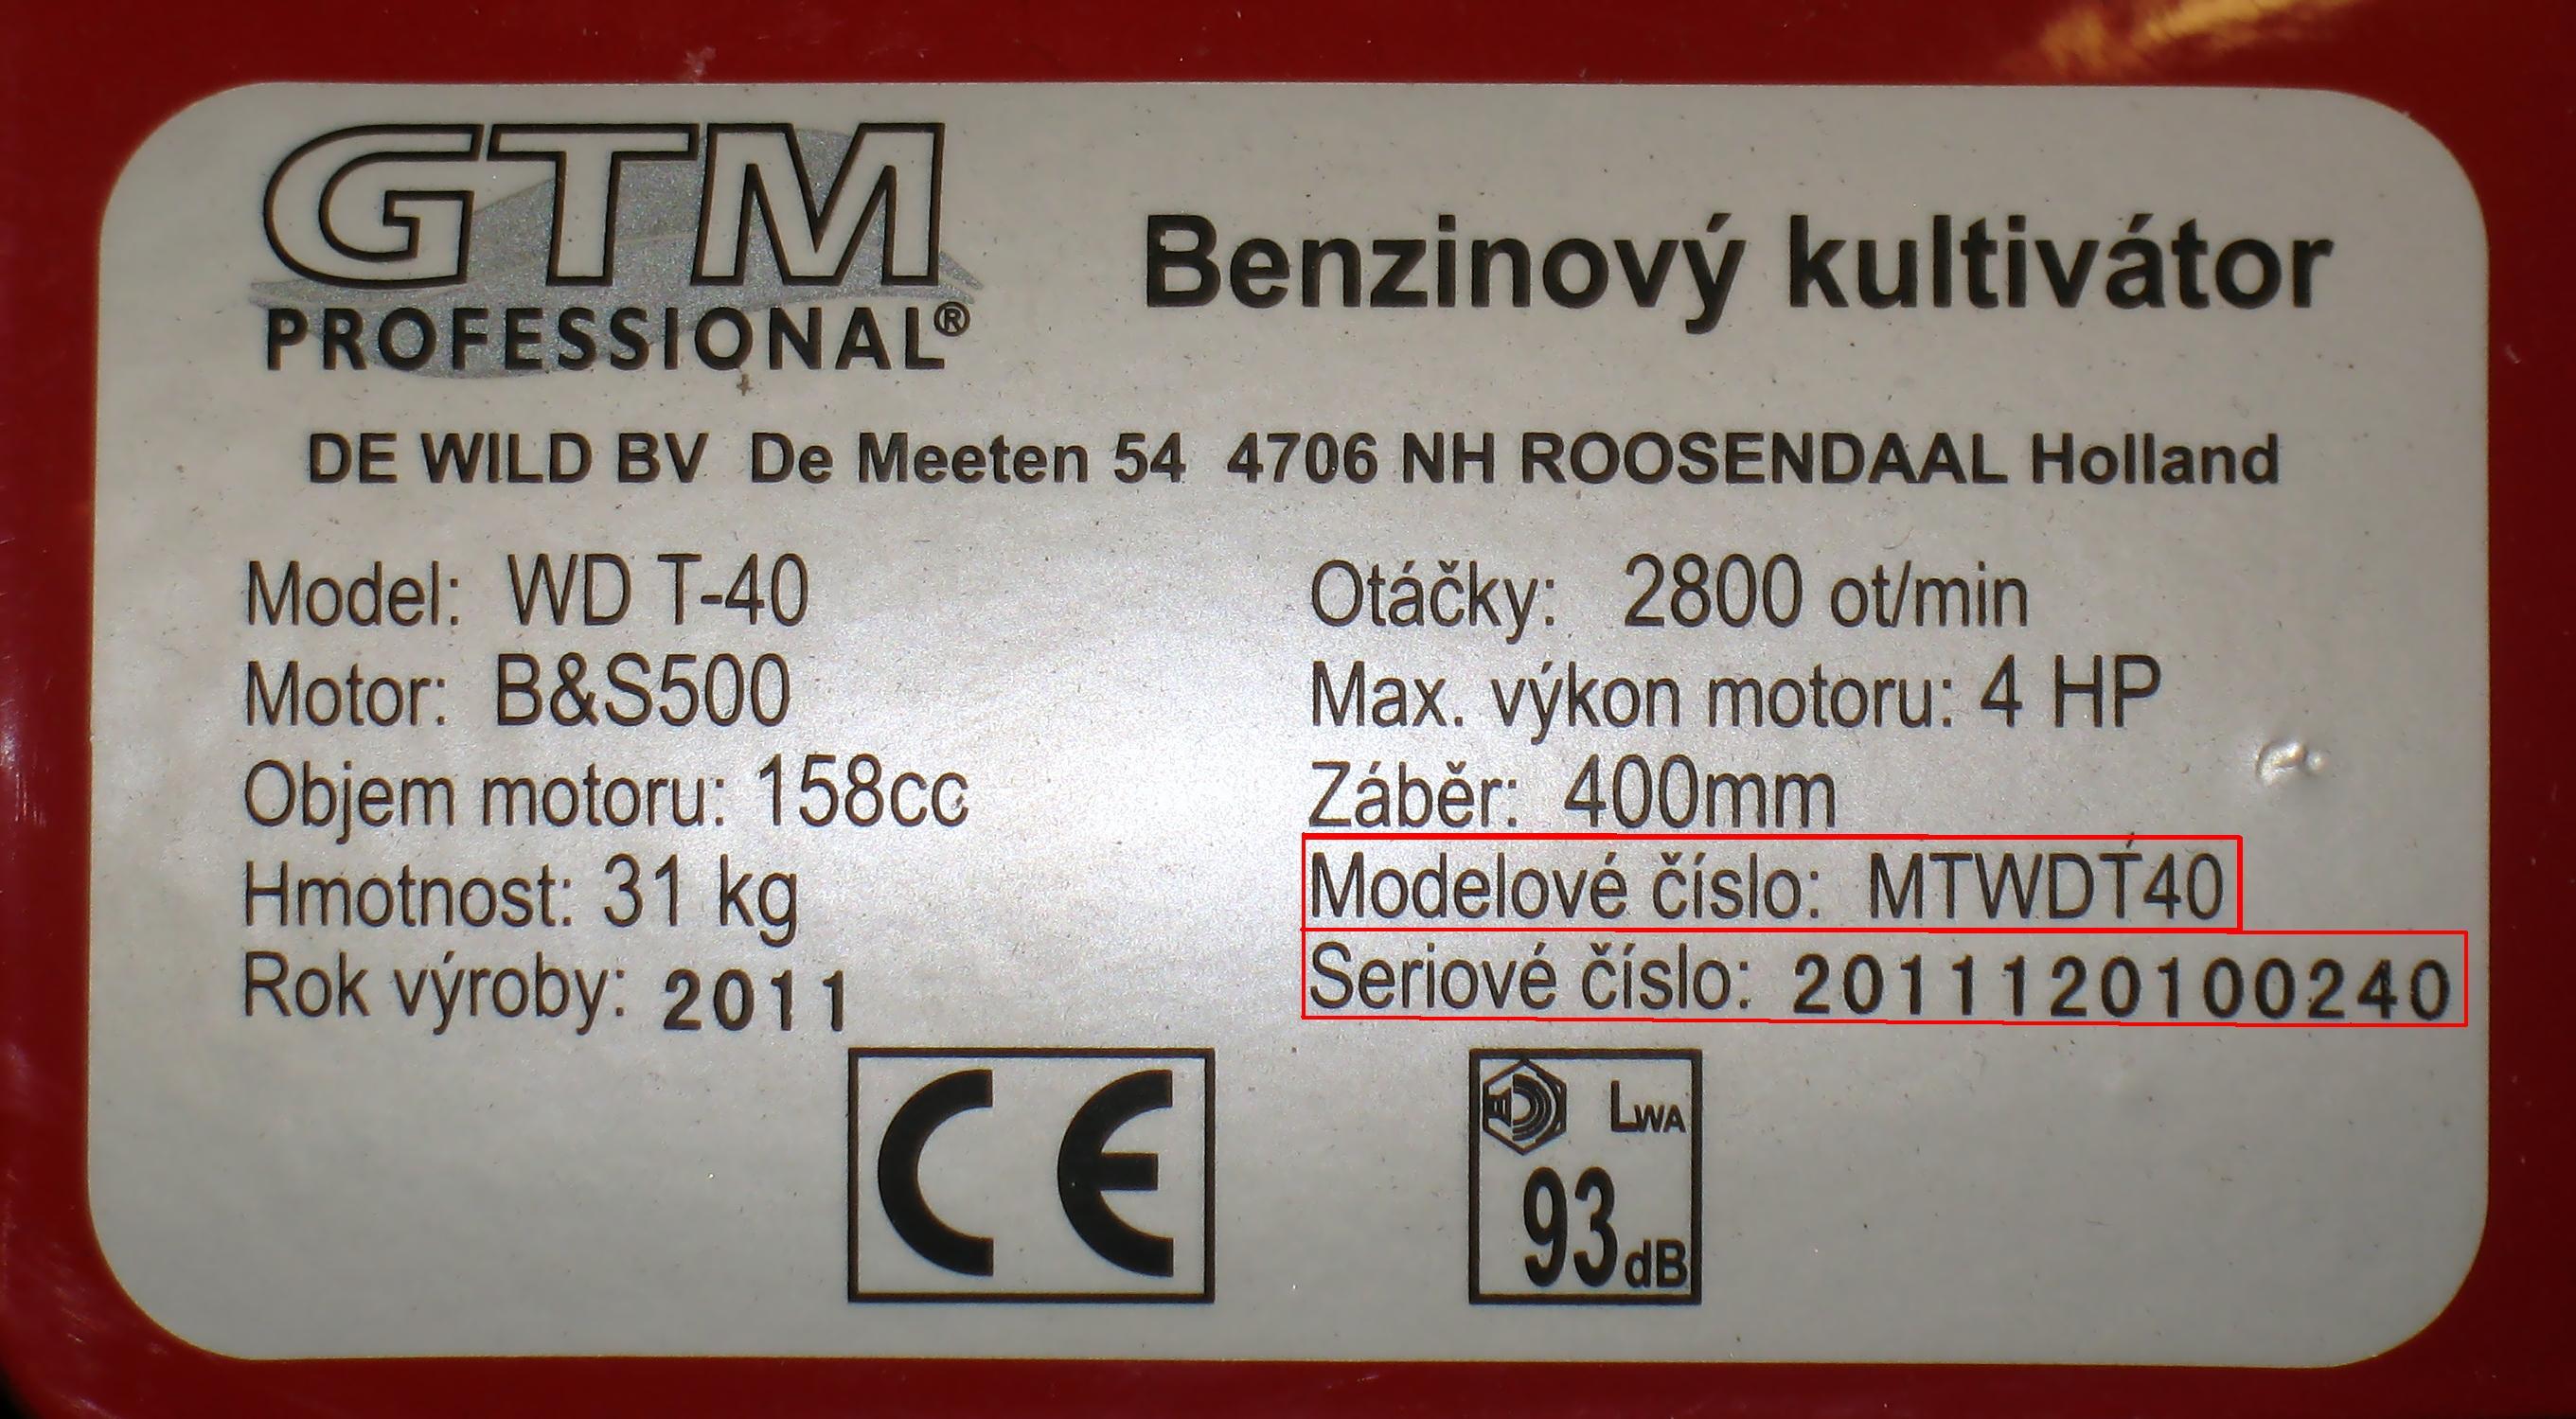 výrobní štítek GTM